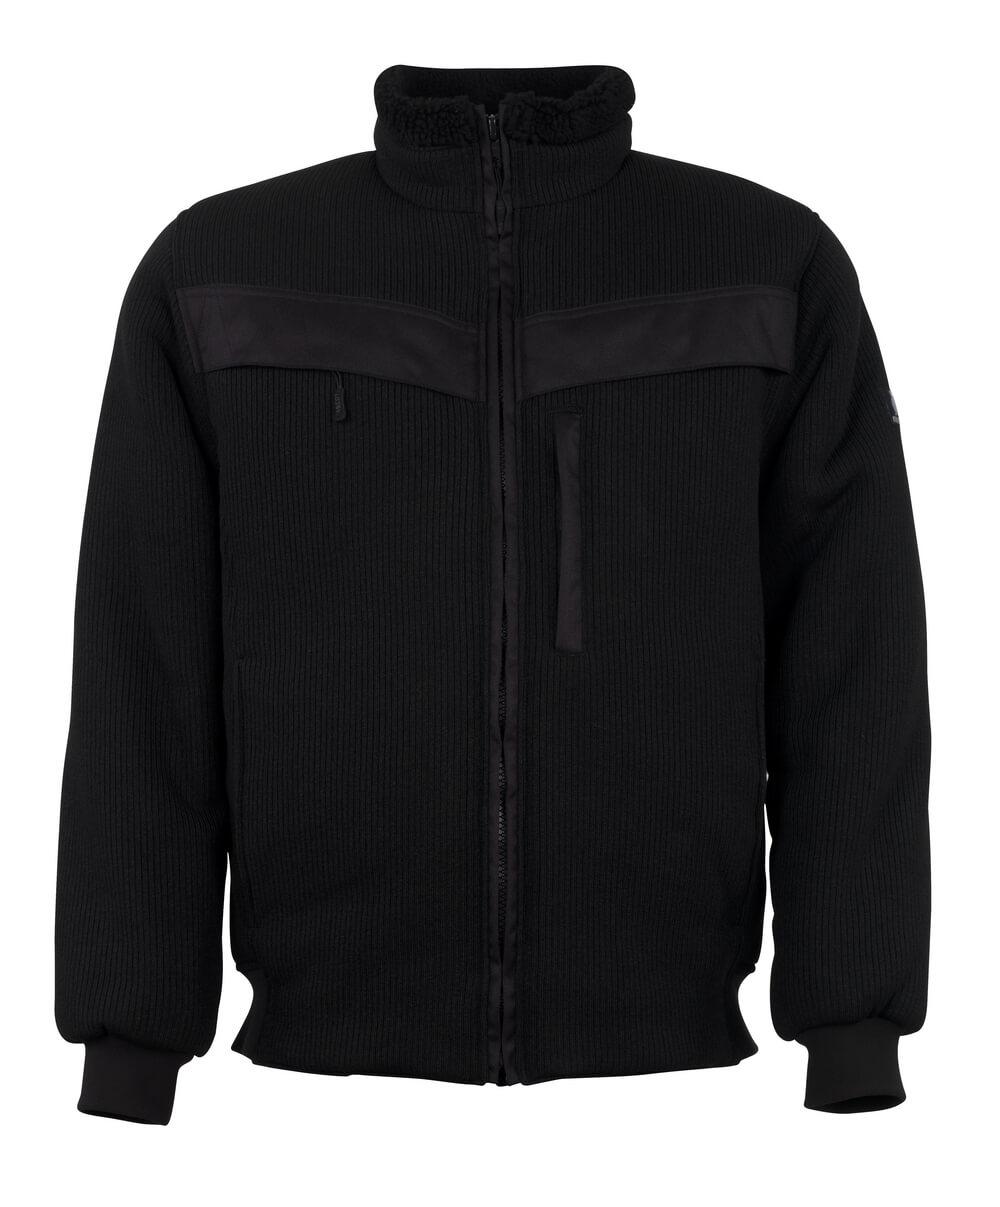 11043-600-09 Veste tricot zippé - Noir